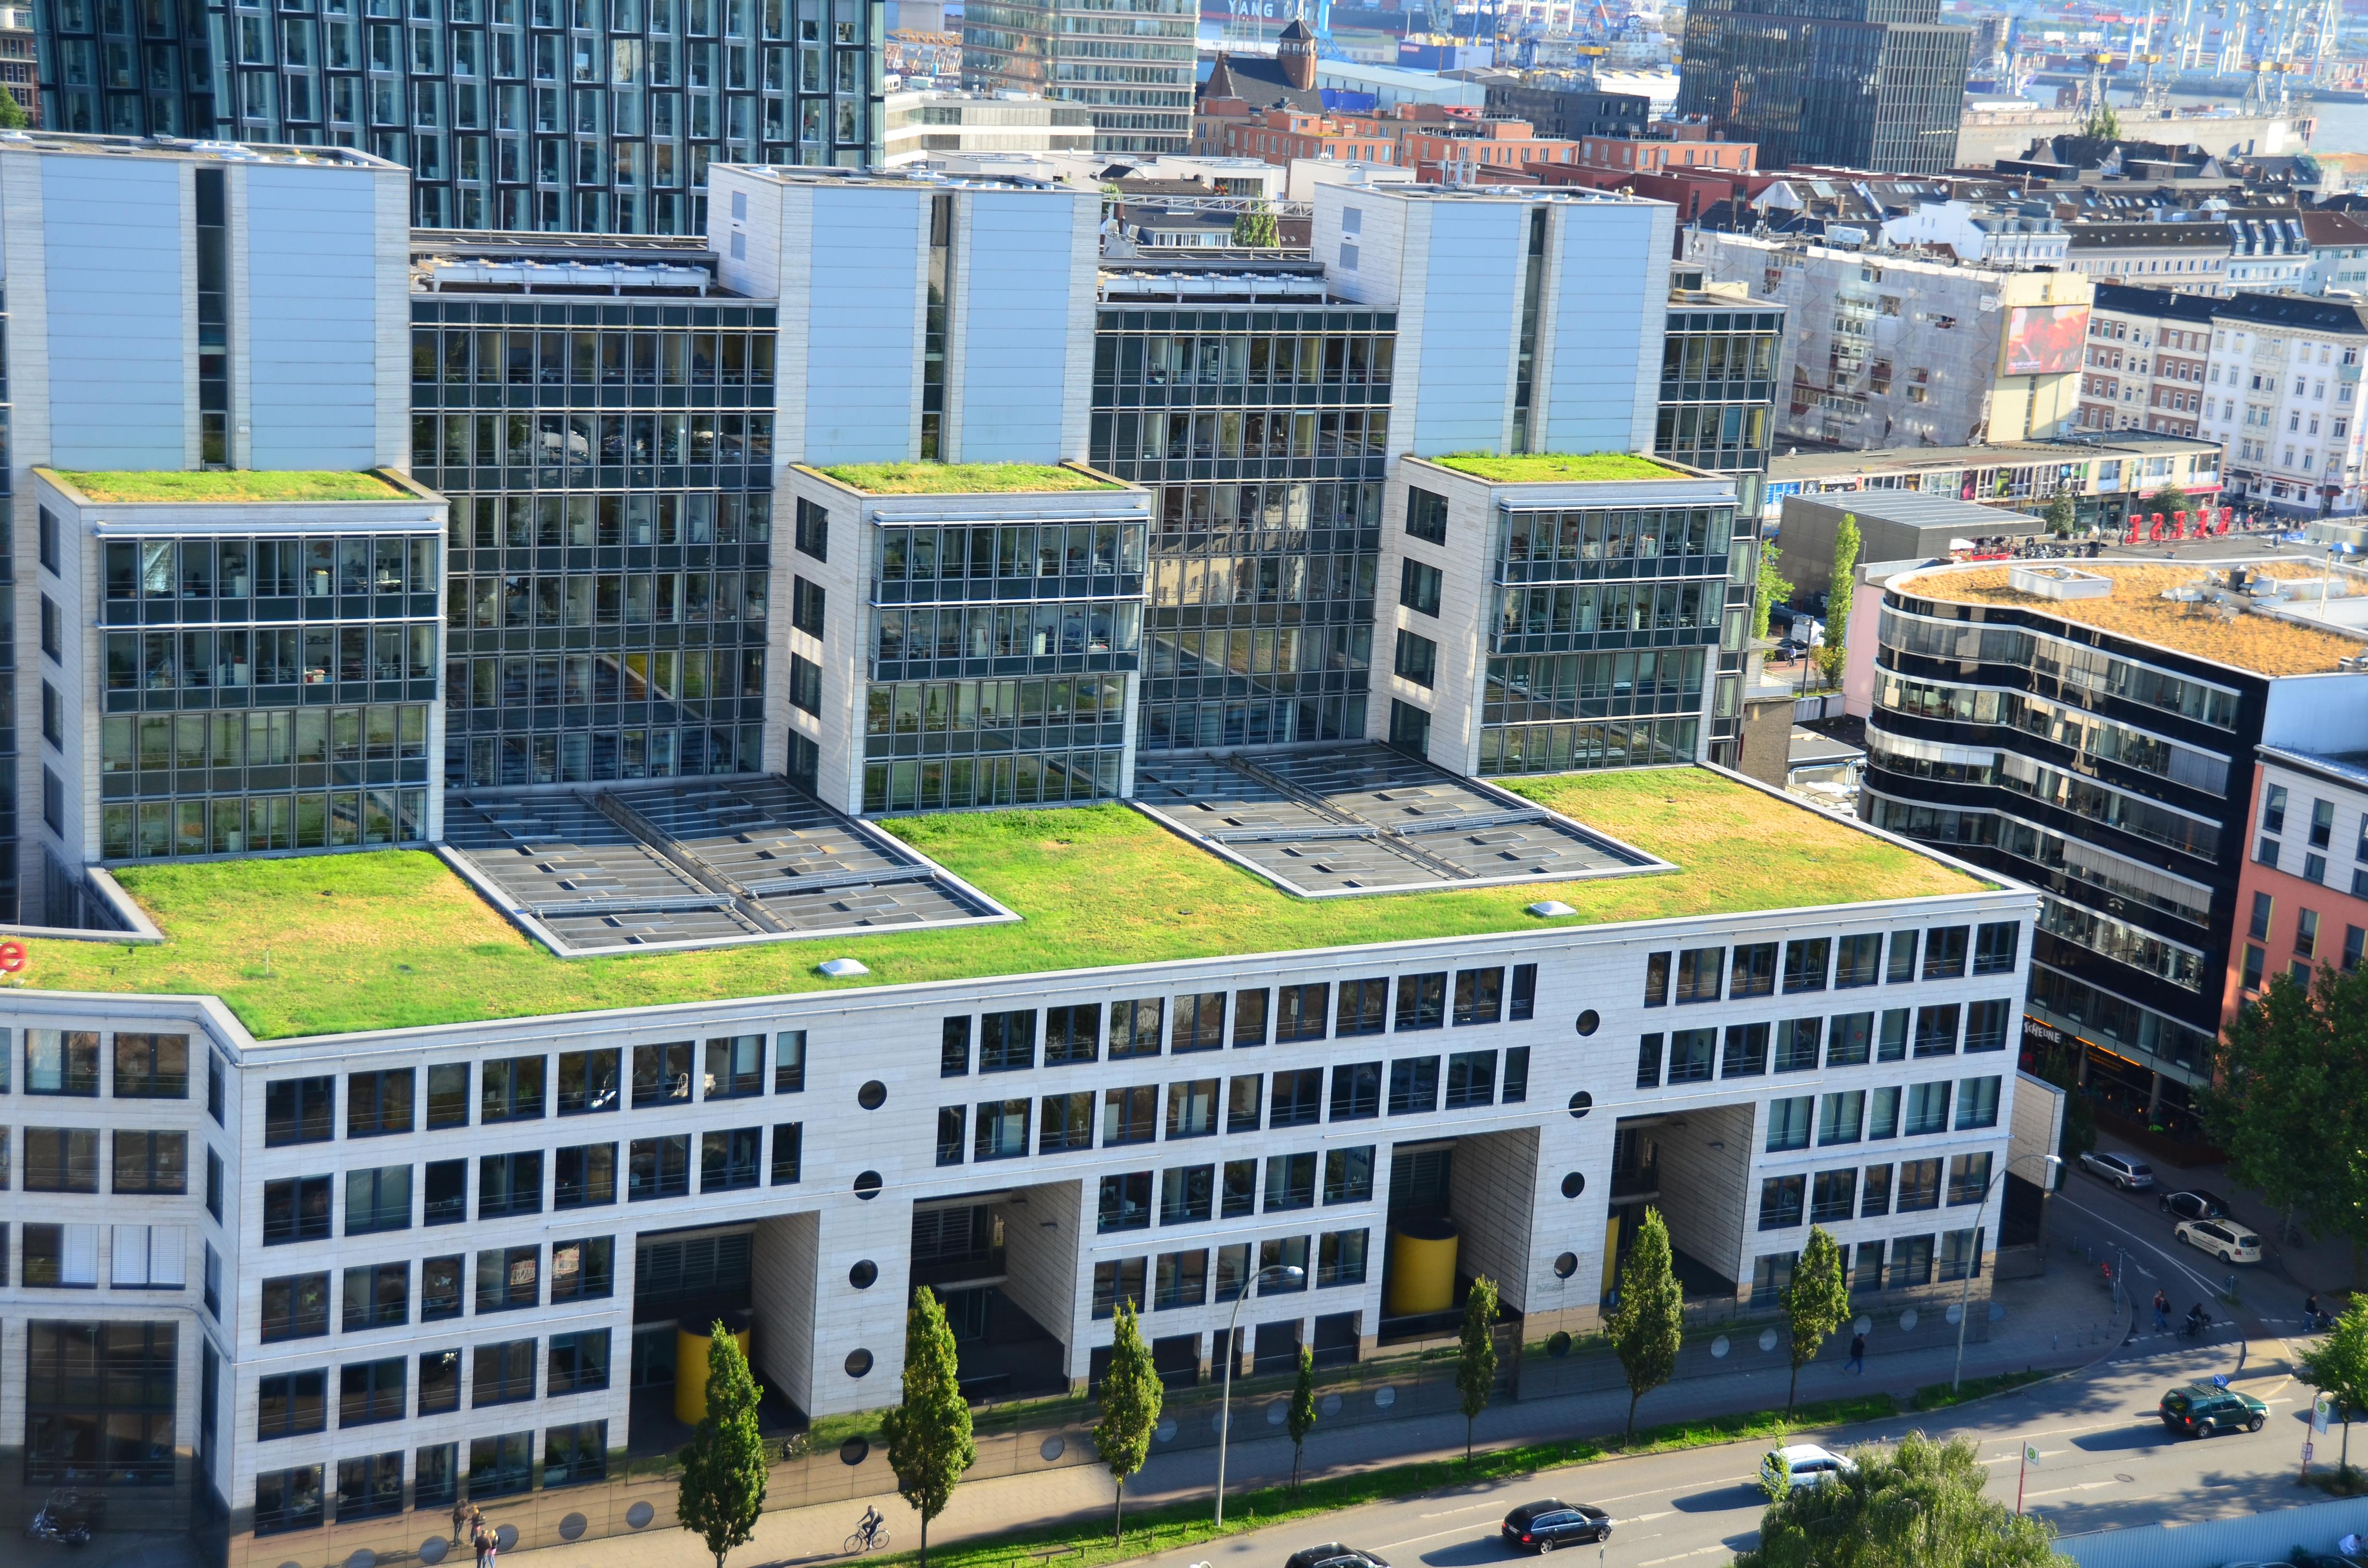 Grüne Dachflächen in der Simon-von-Utrecht-Straße, Hamburg ©  H. Soenksen